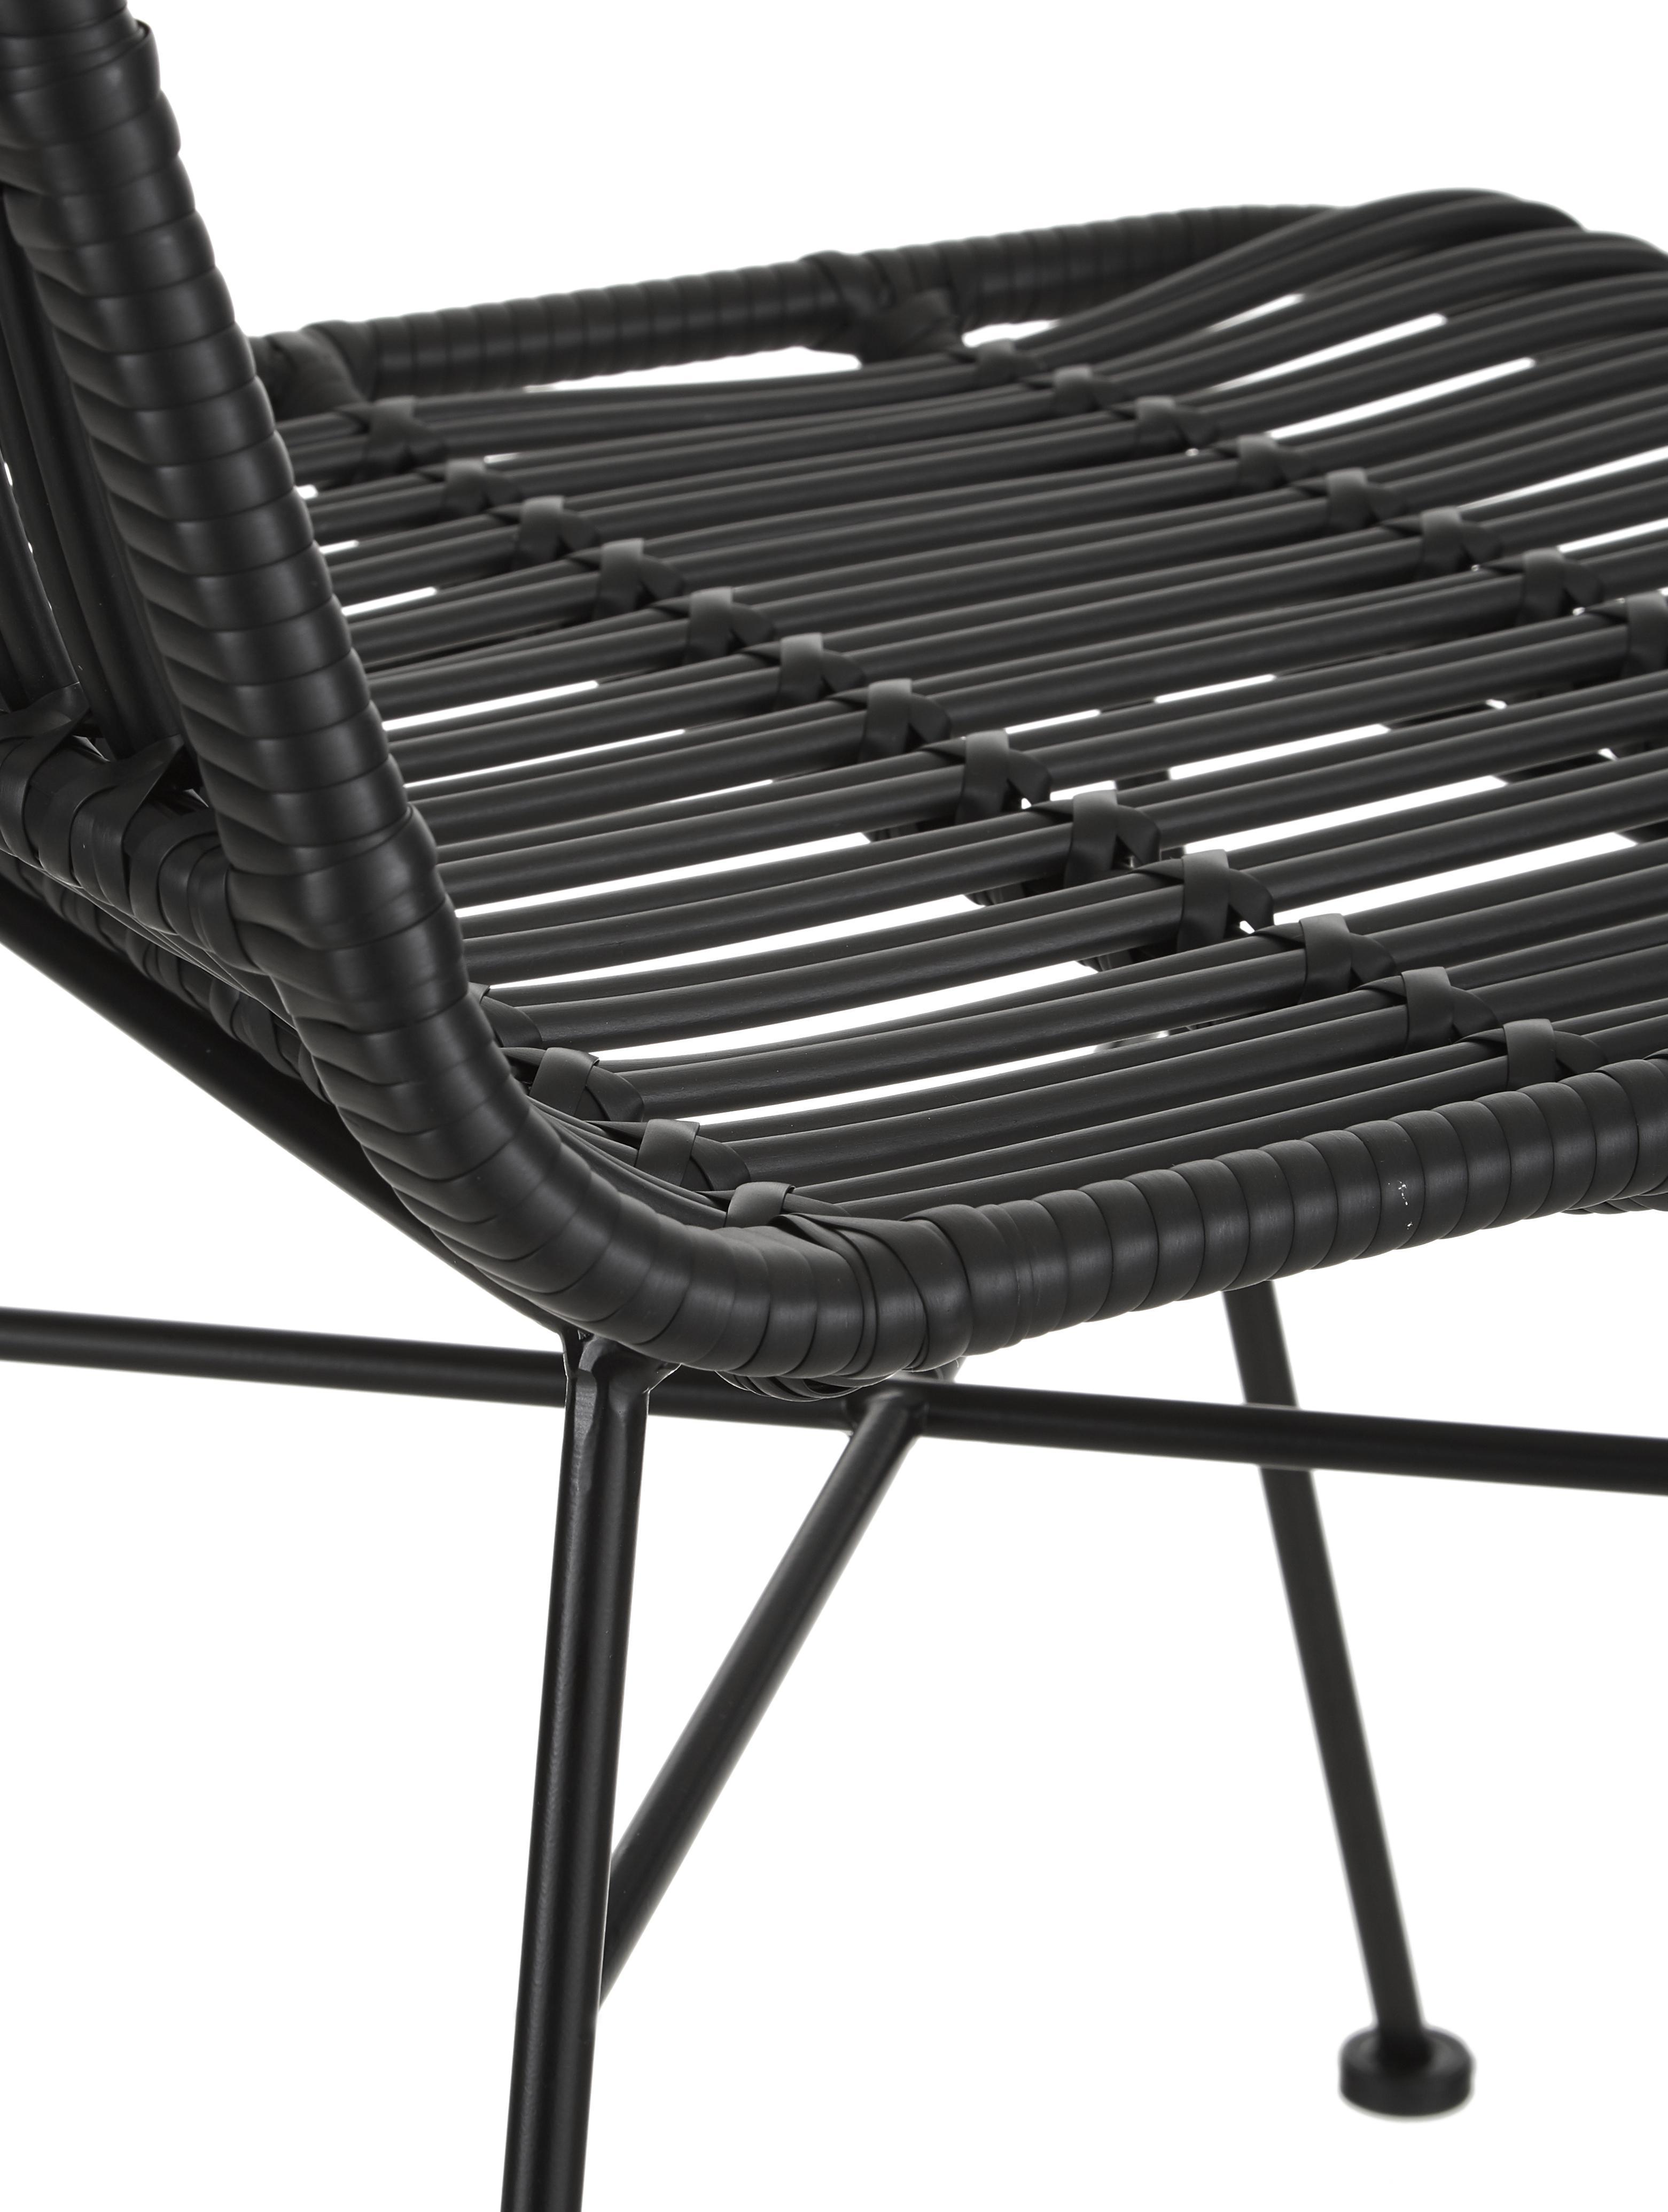 Sillas de poliratán Tulum, 2uds., Asiento: polietileno, Estructura: metal con pintura en polv, Negro, An 47 x F 61 cm